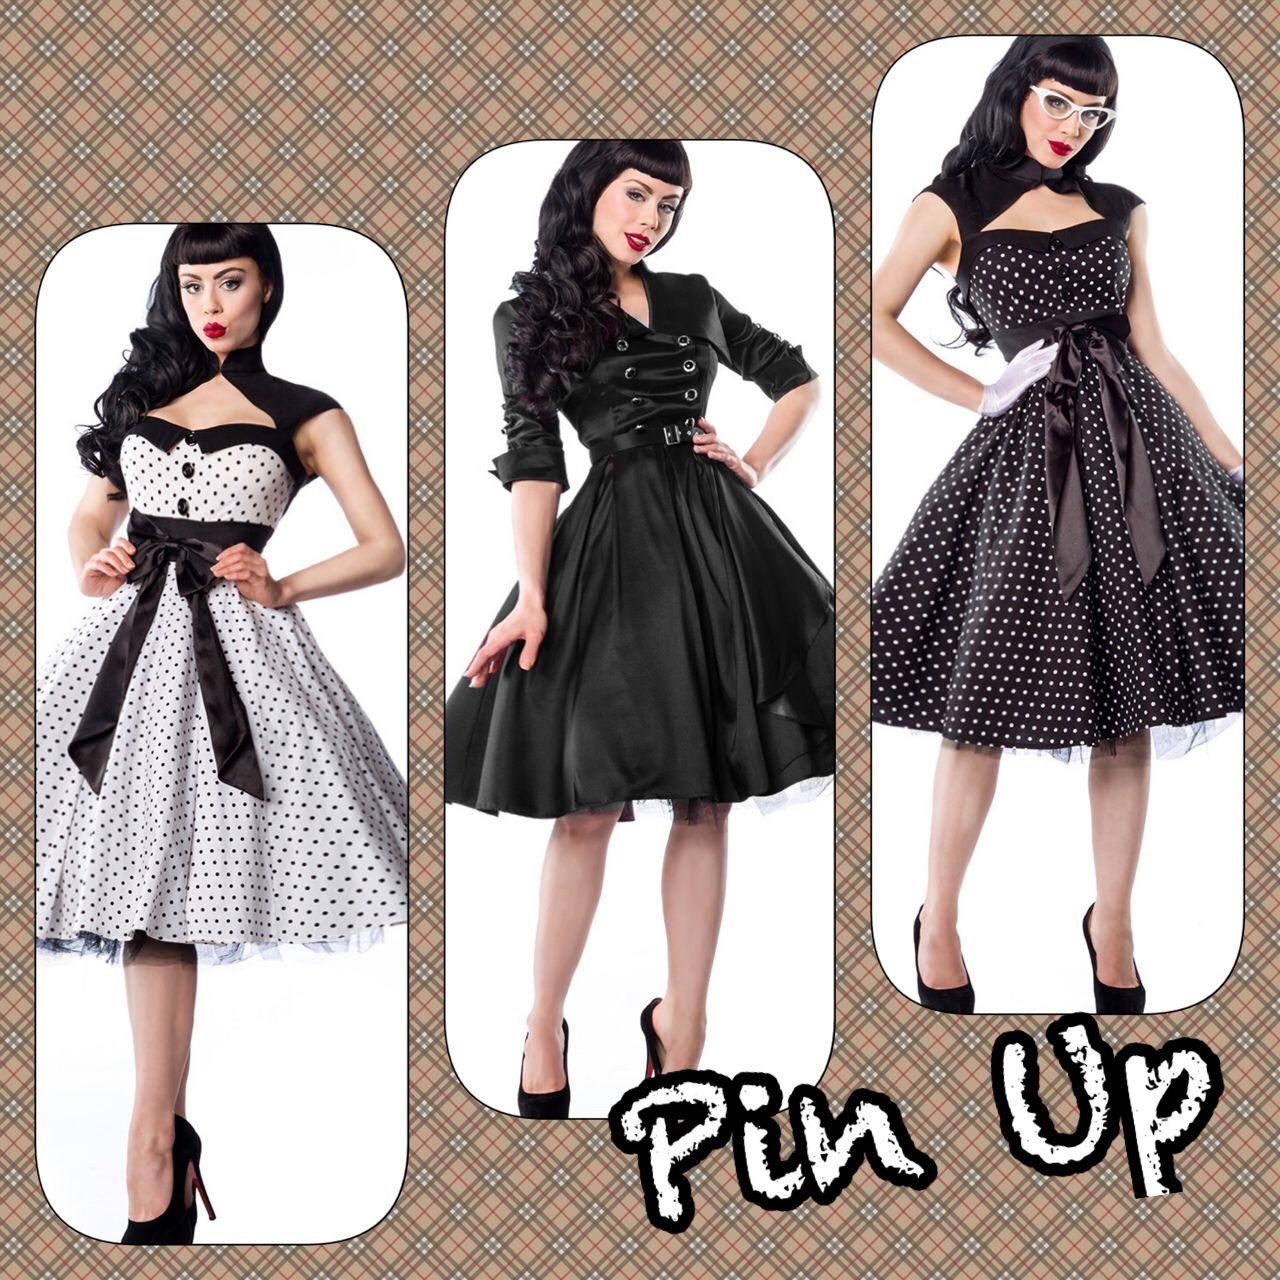 www.pinupmode.com